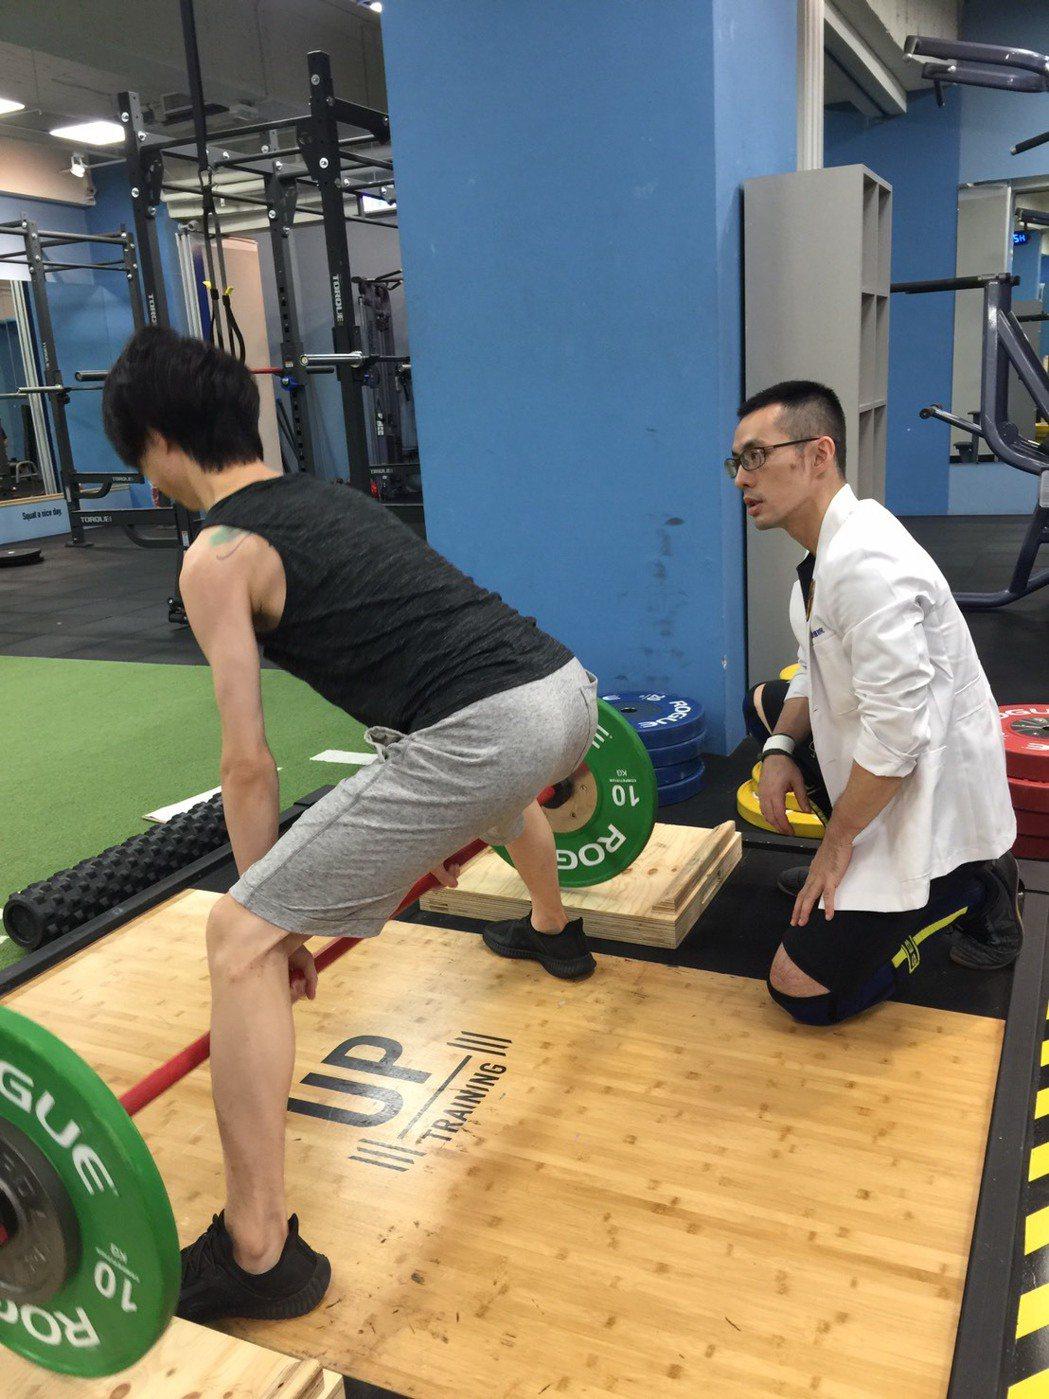 有中重度貧血和二尖瓣脫垂的27歲男子身材相當消瘦且腿部沒力,接受陳彥志的增肌訓練...